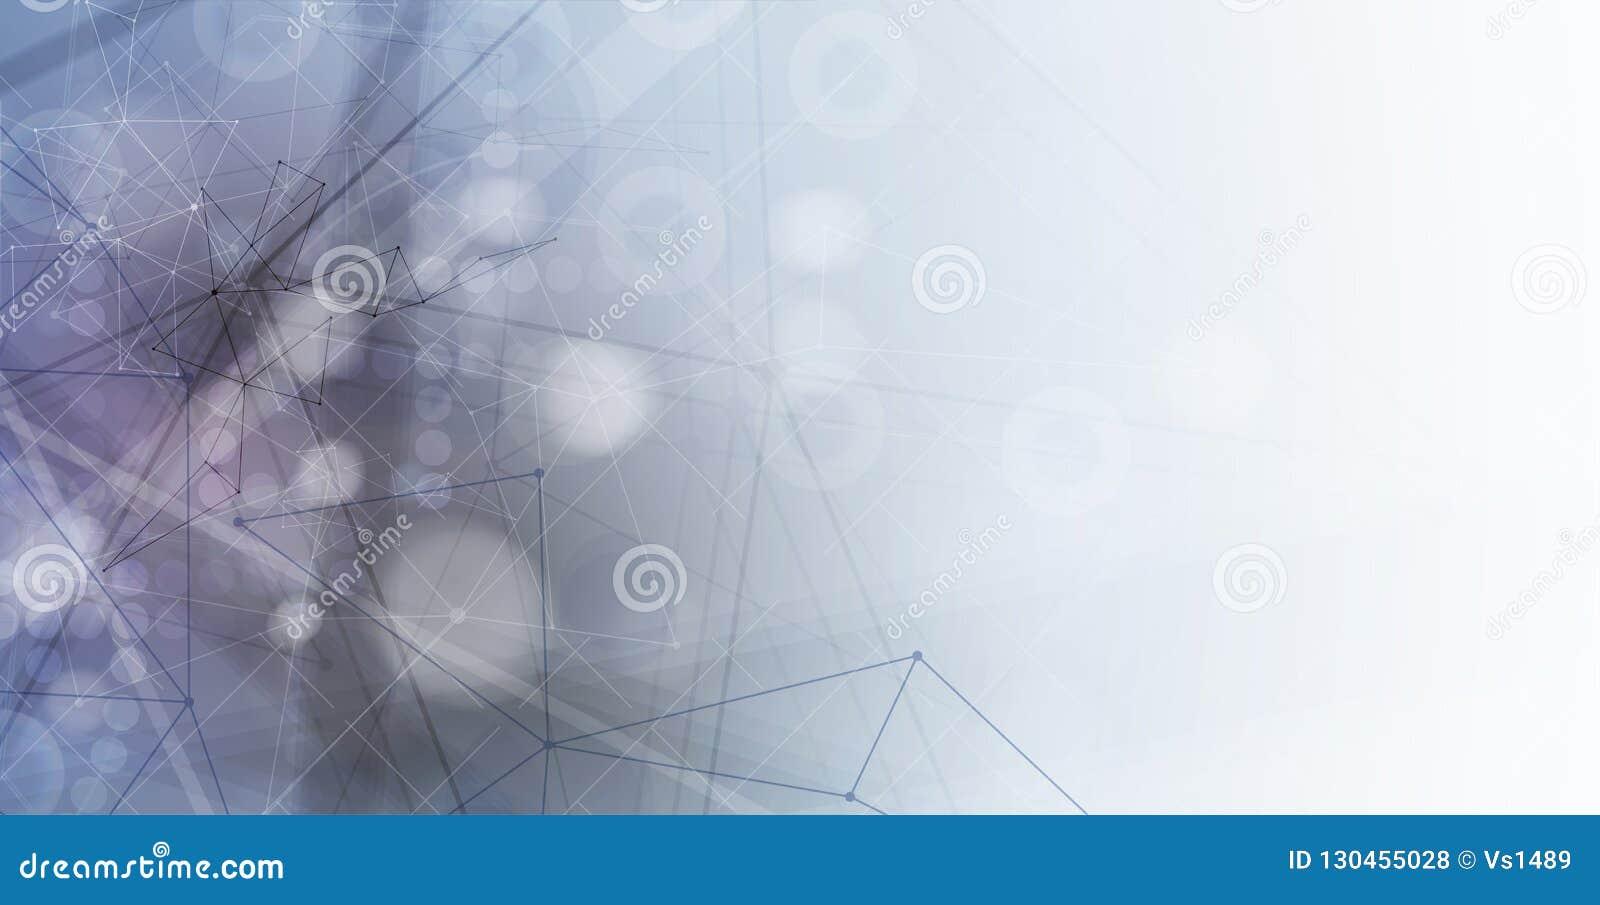 Fondo abstracto de la tecnología Interfaz futurista de la tecnología